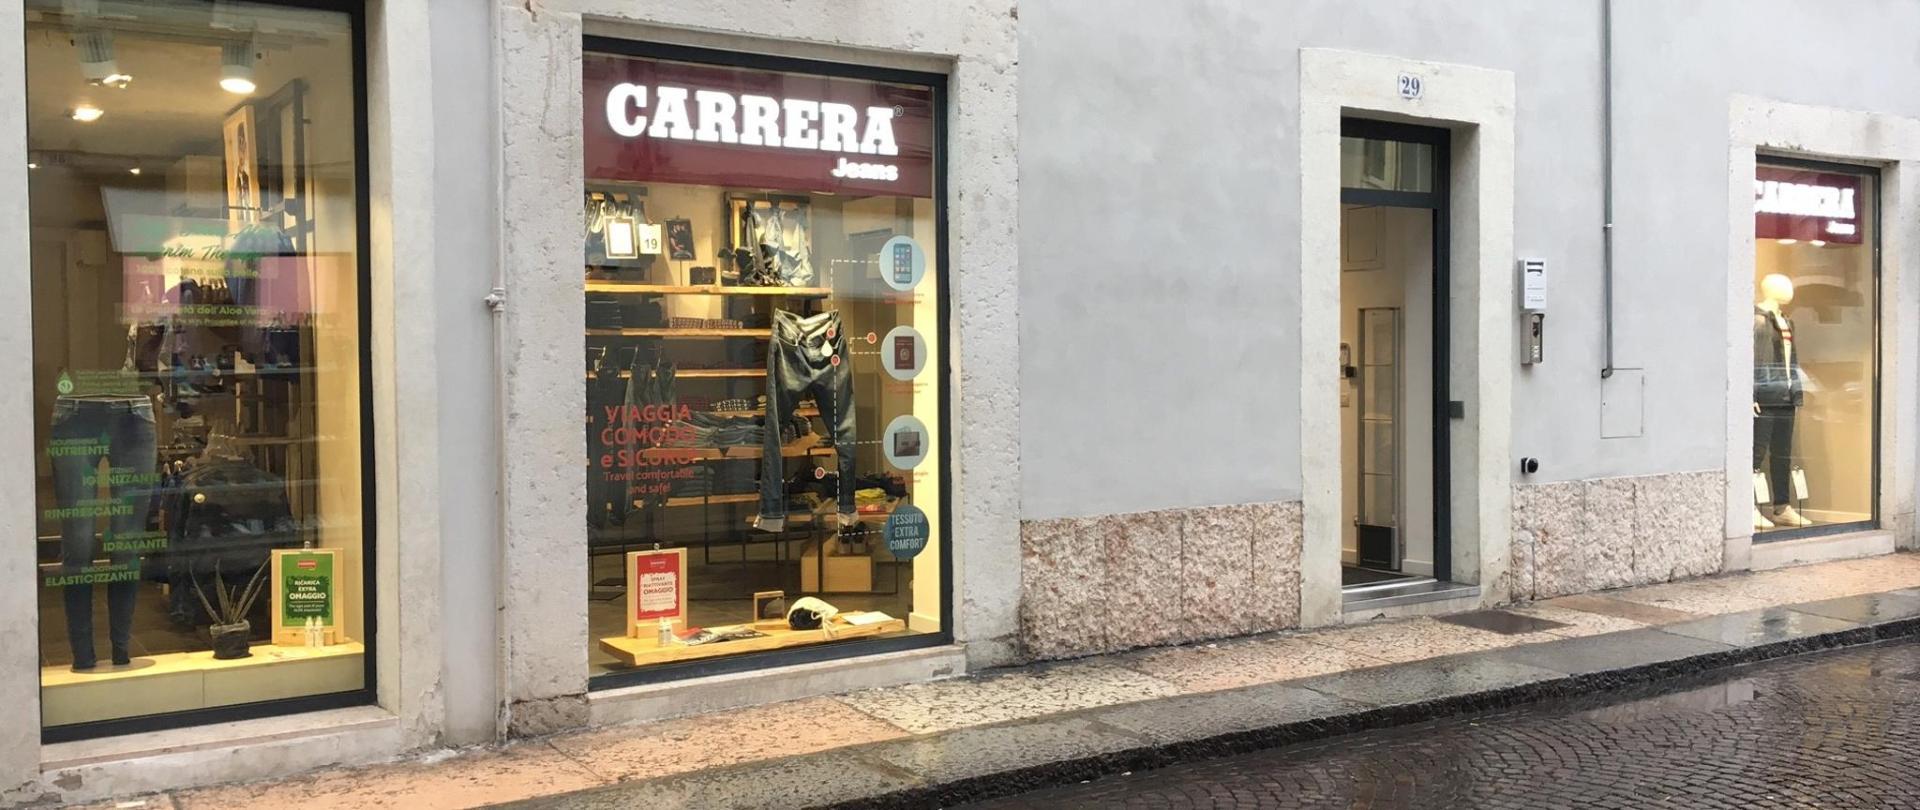 Carrera Store.jpg